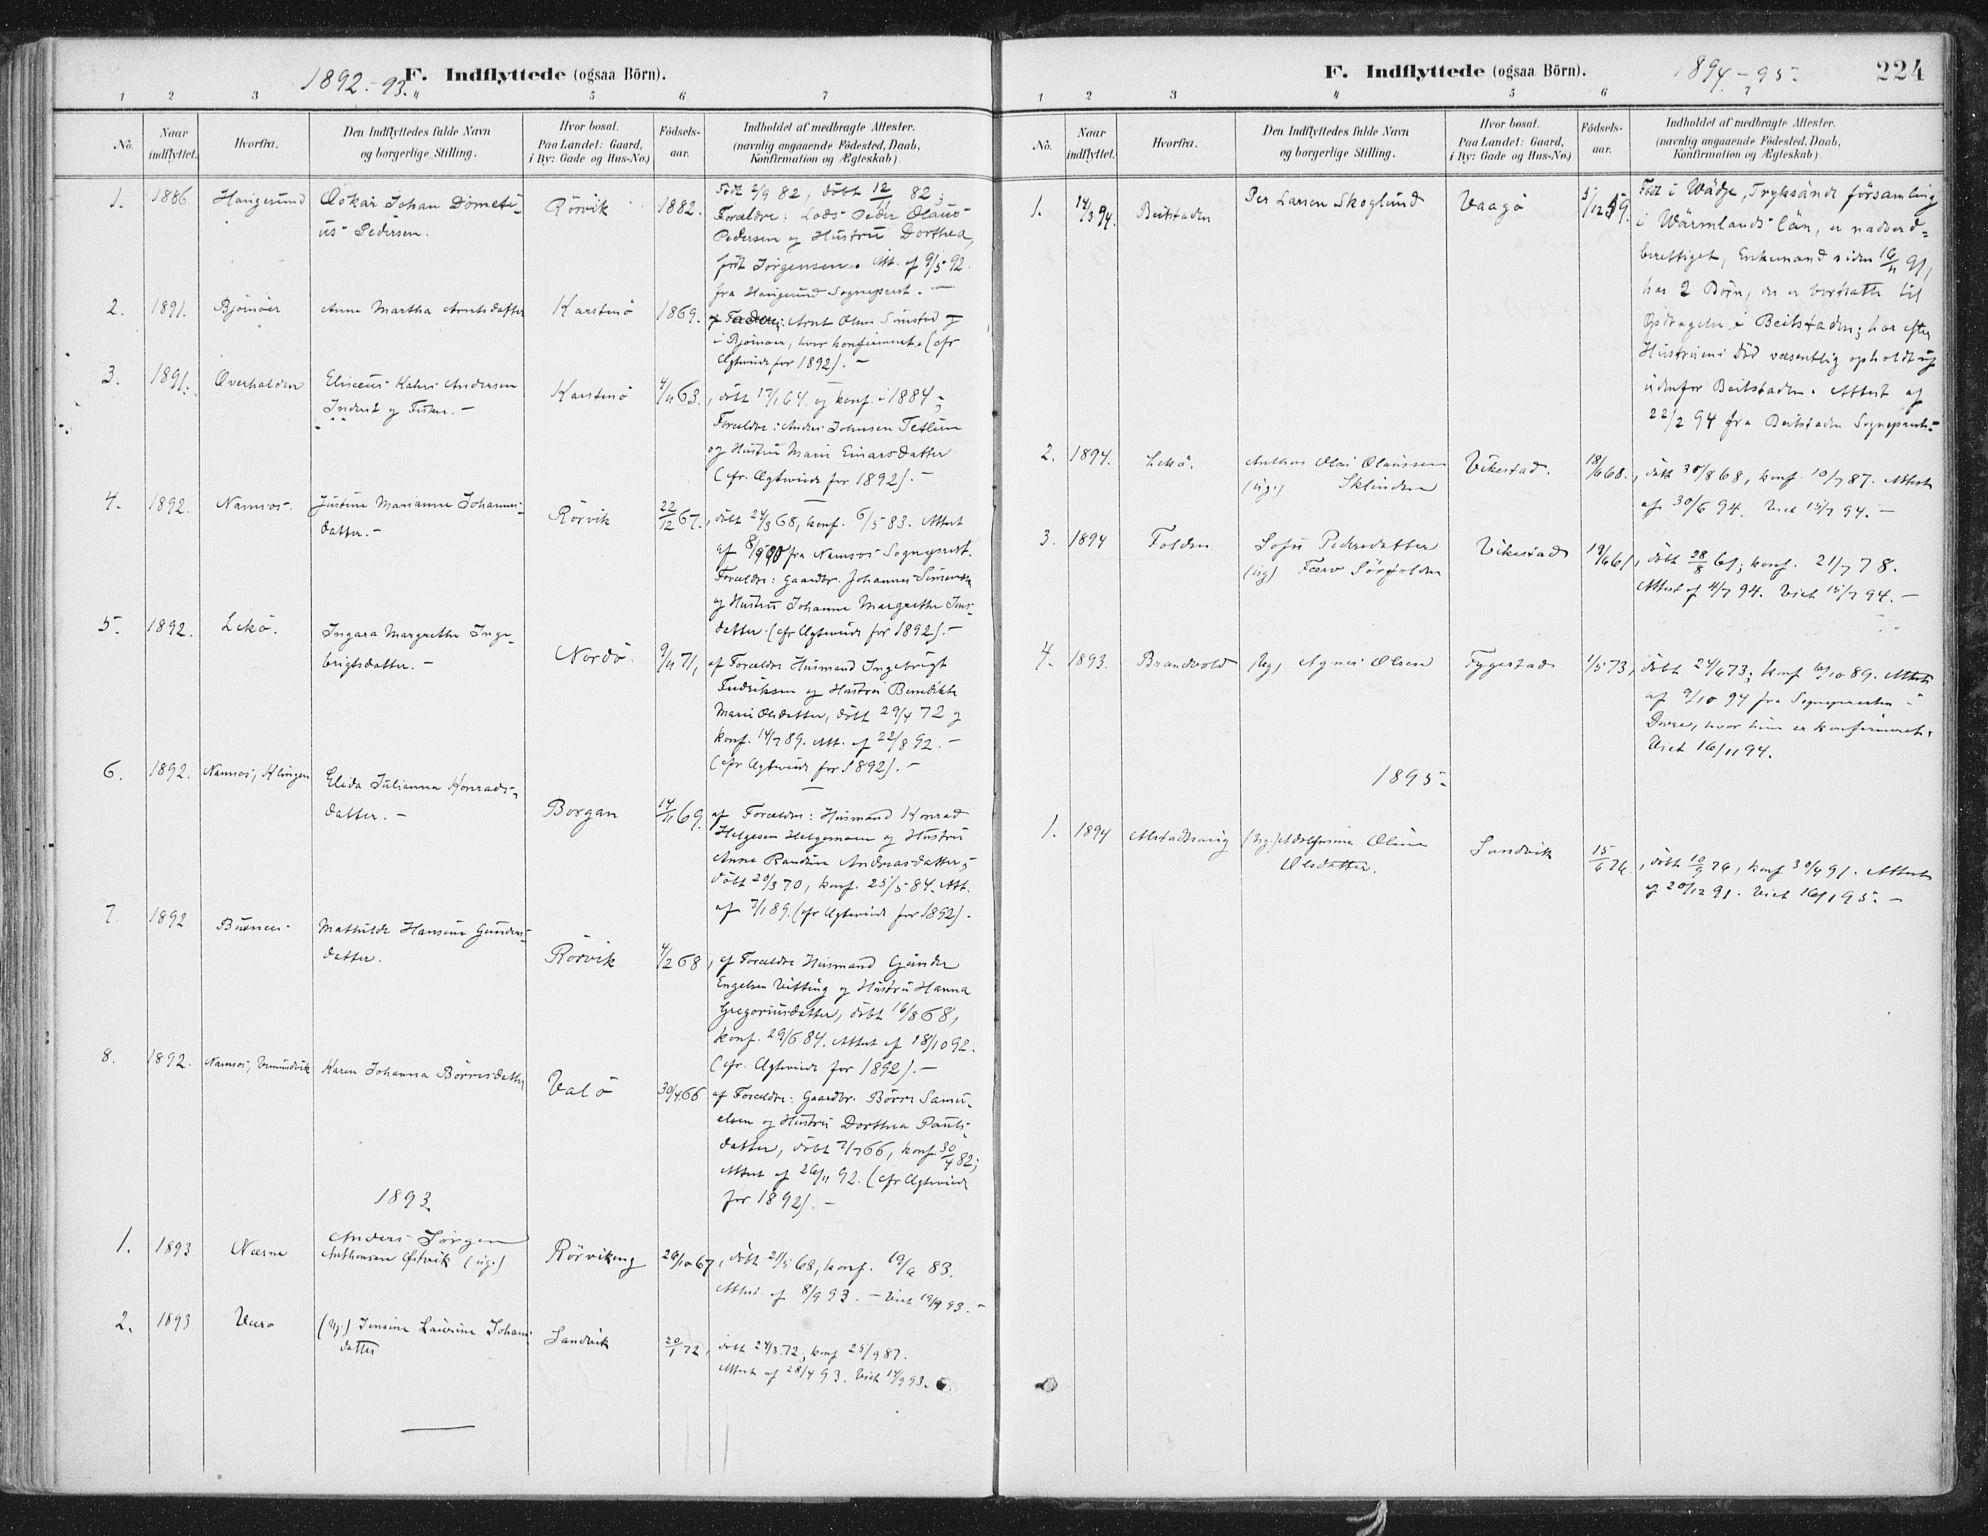 SAT, Ministerialprotokoller, klokkerbøker og fødselsregistre - Nord-Trøndelag, 786/L0687: Ministerialbok nr. 786A03, 1888-1898, s. 224